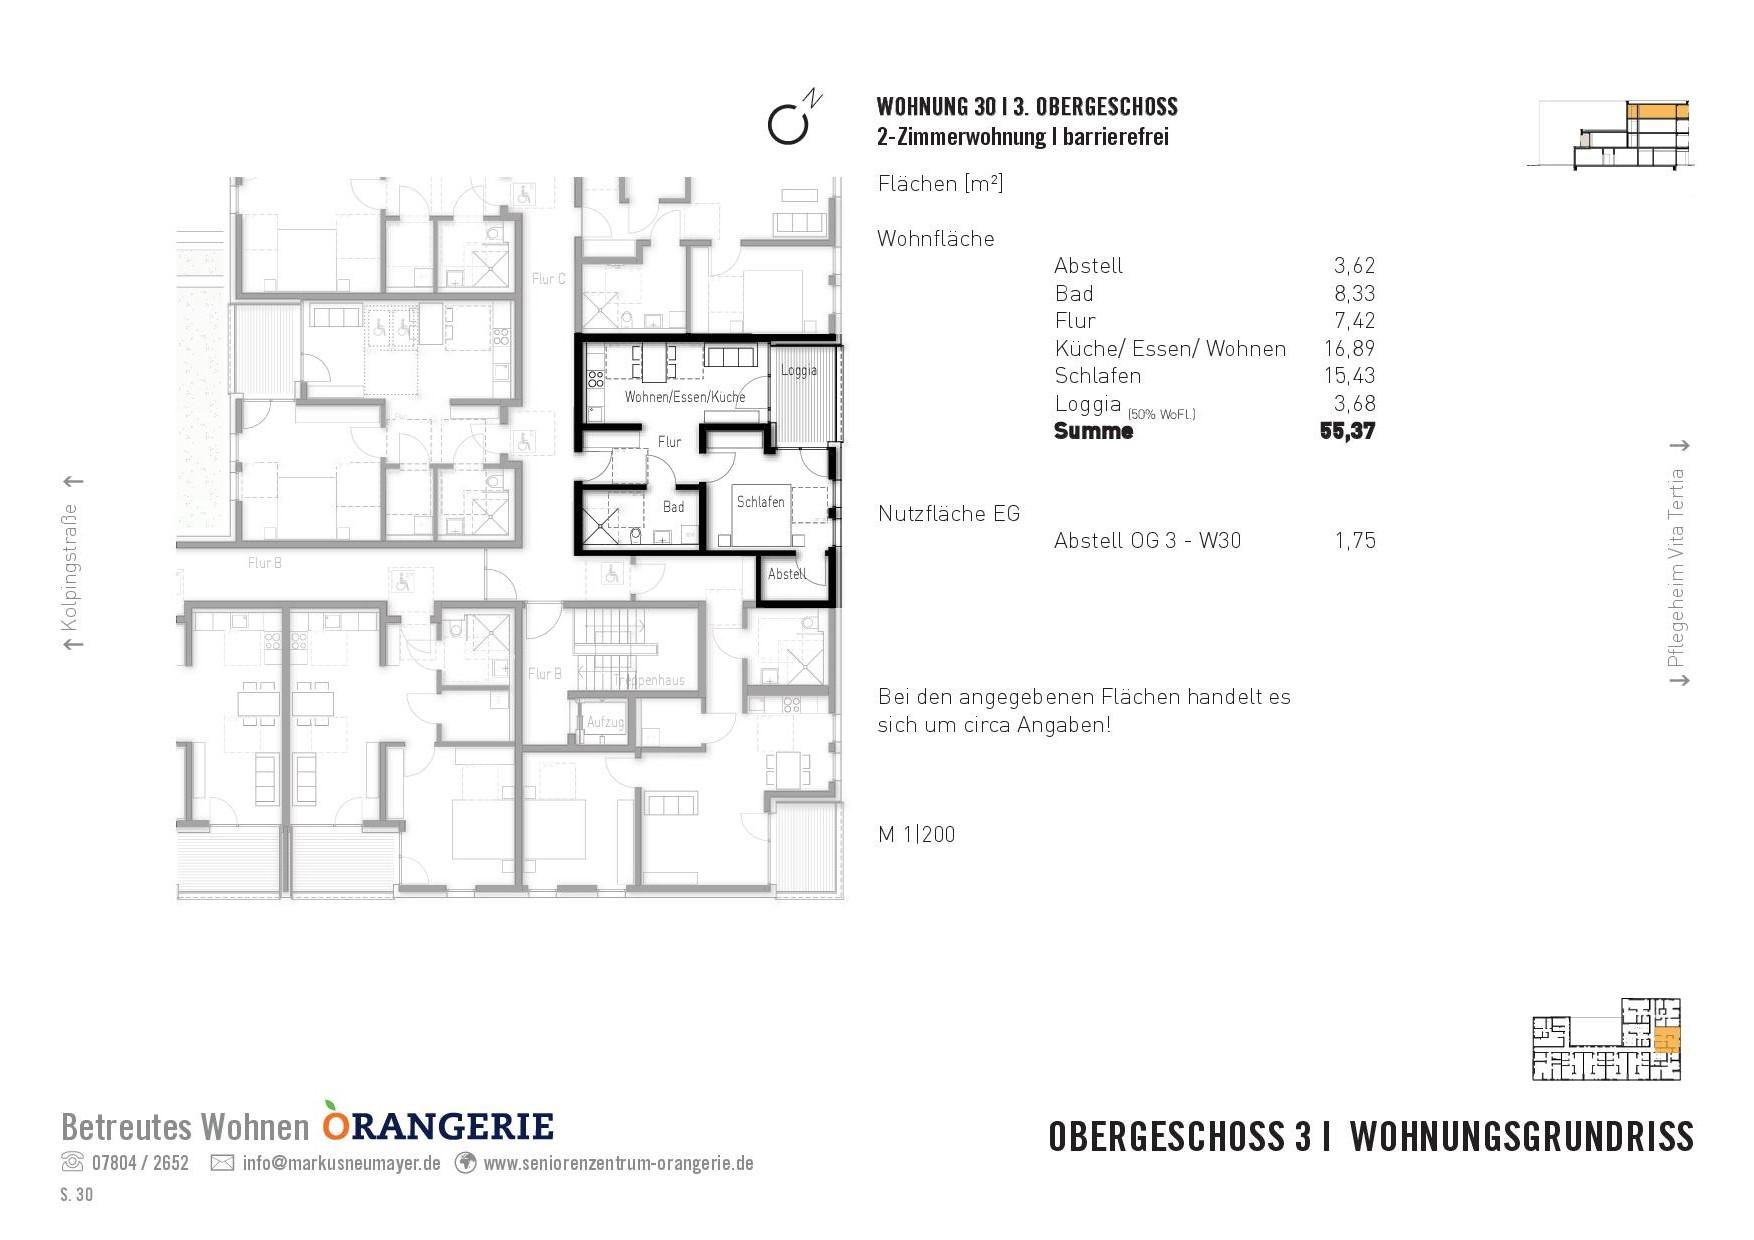 Wohnung 30 Orangerie